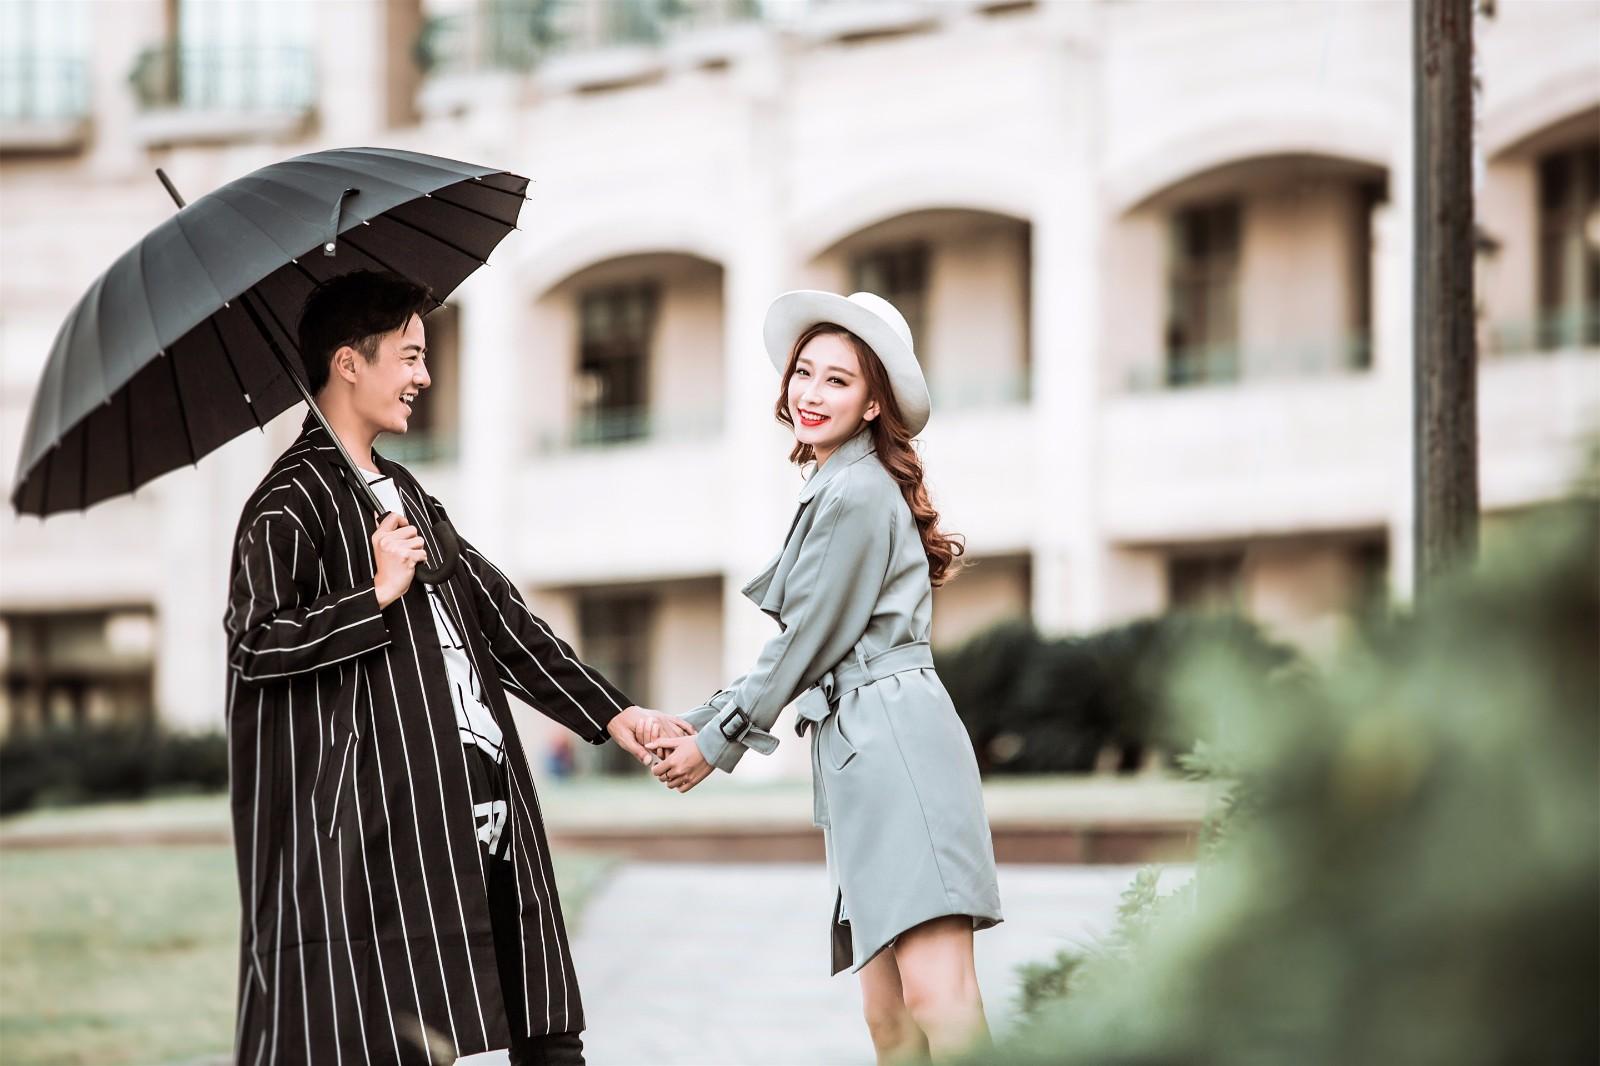 结婚宣言是一对新人对彼此许下的承诺。